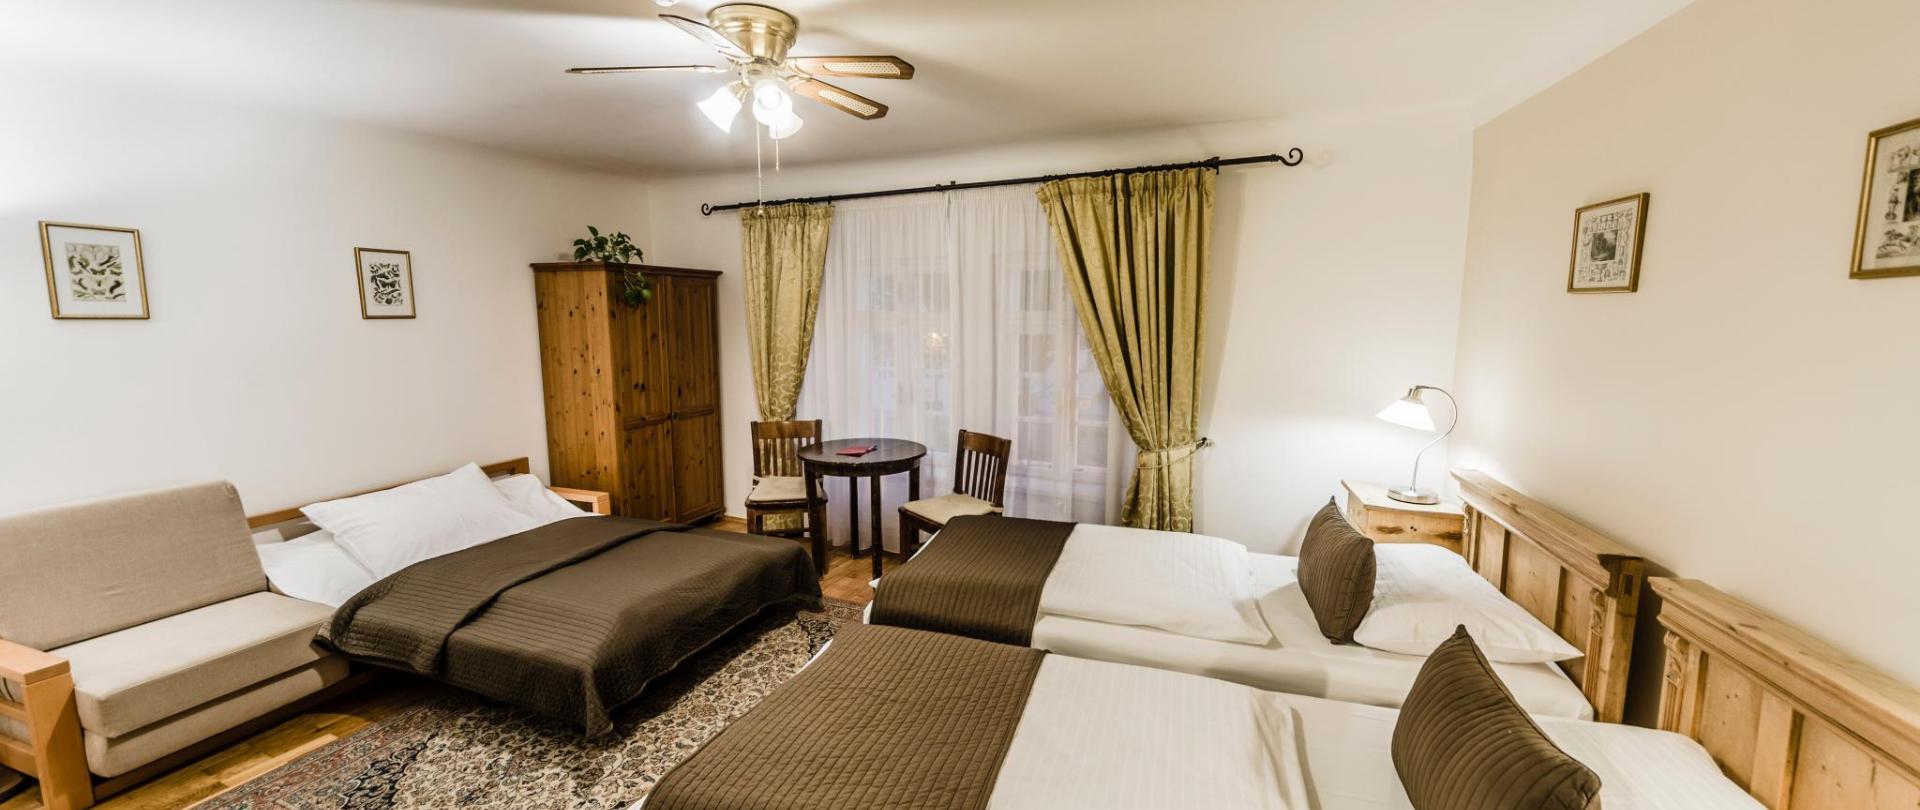 Třílůžkový pokoj_oddělené postele_2.jpg